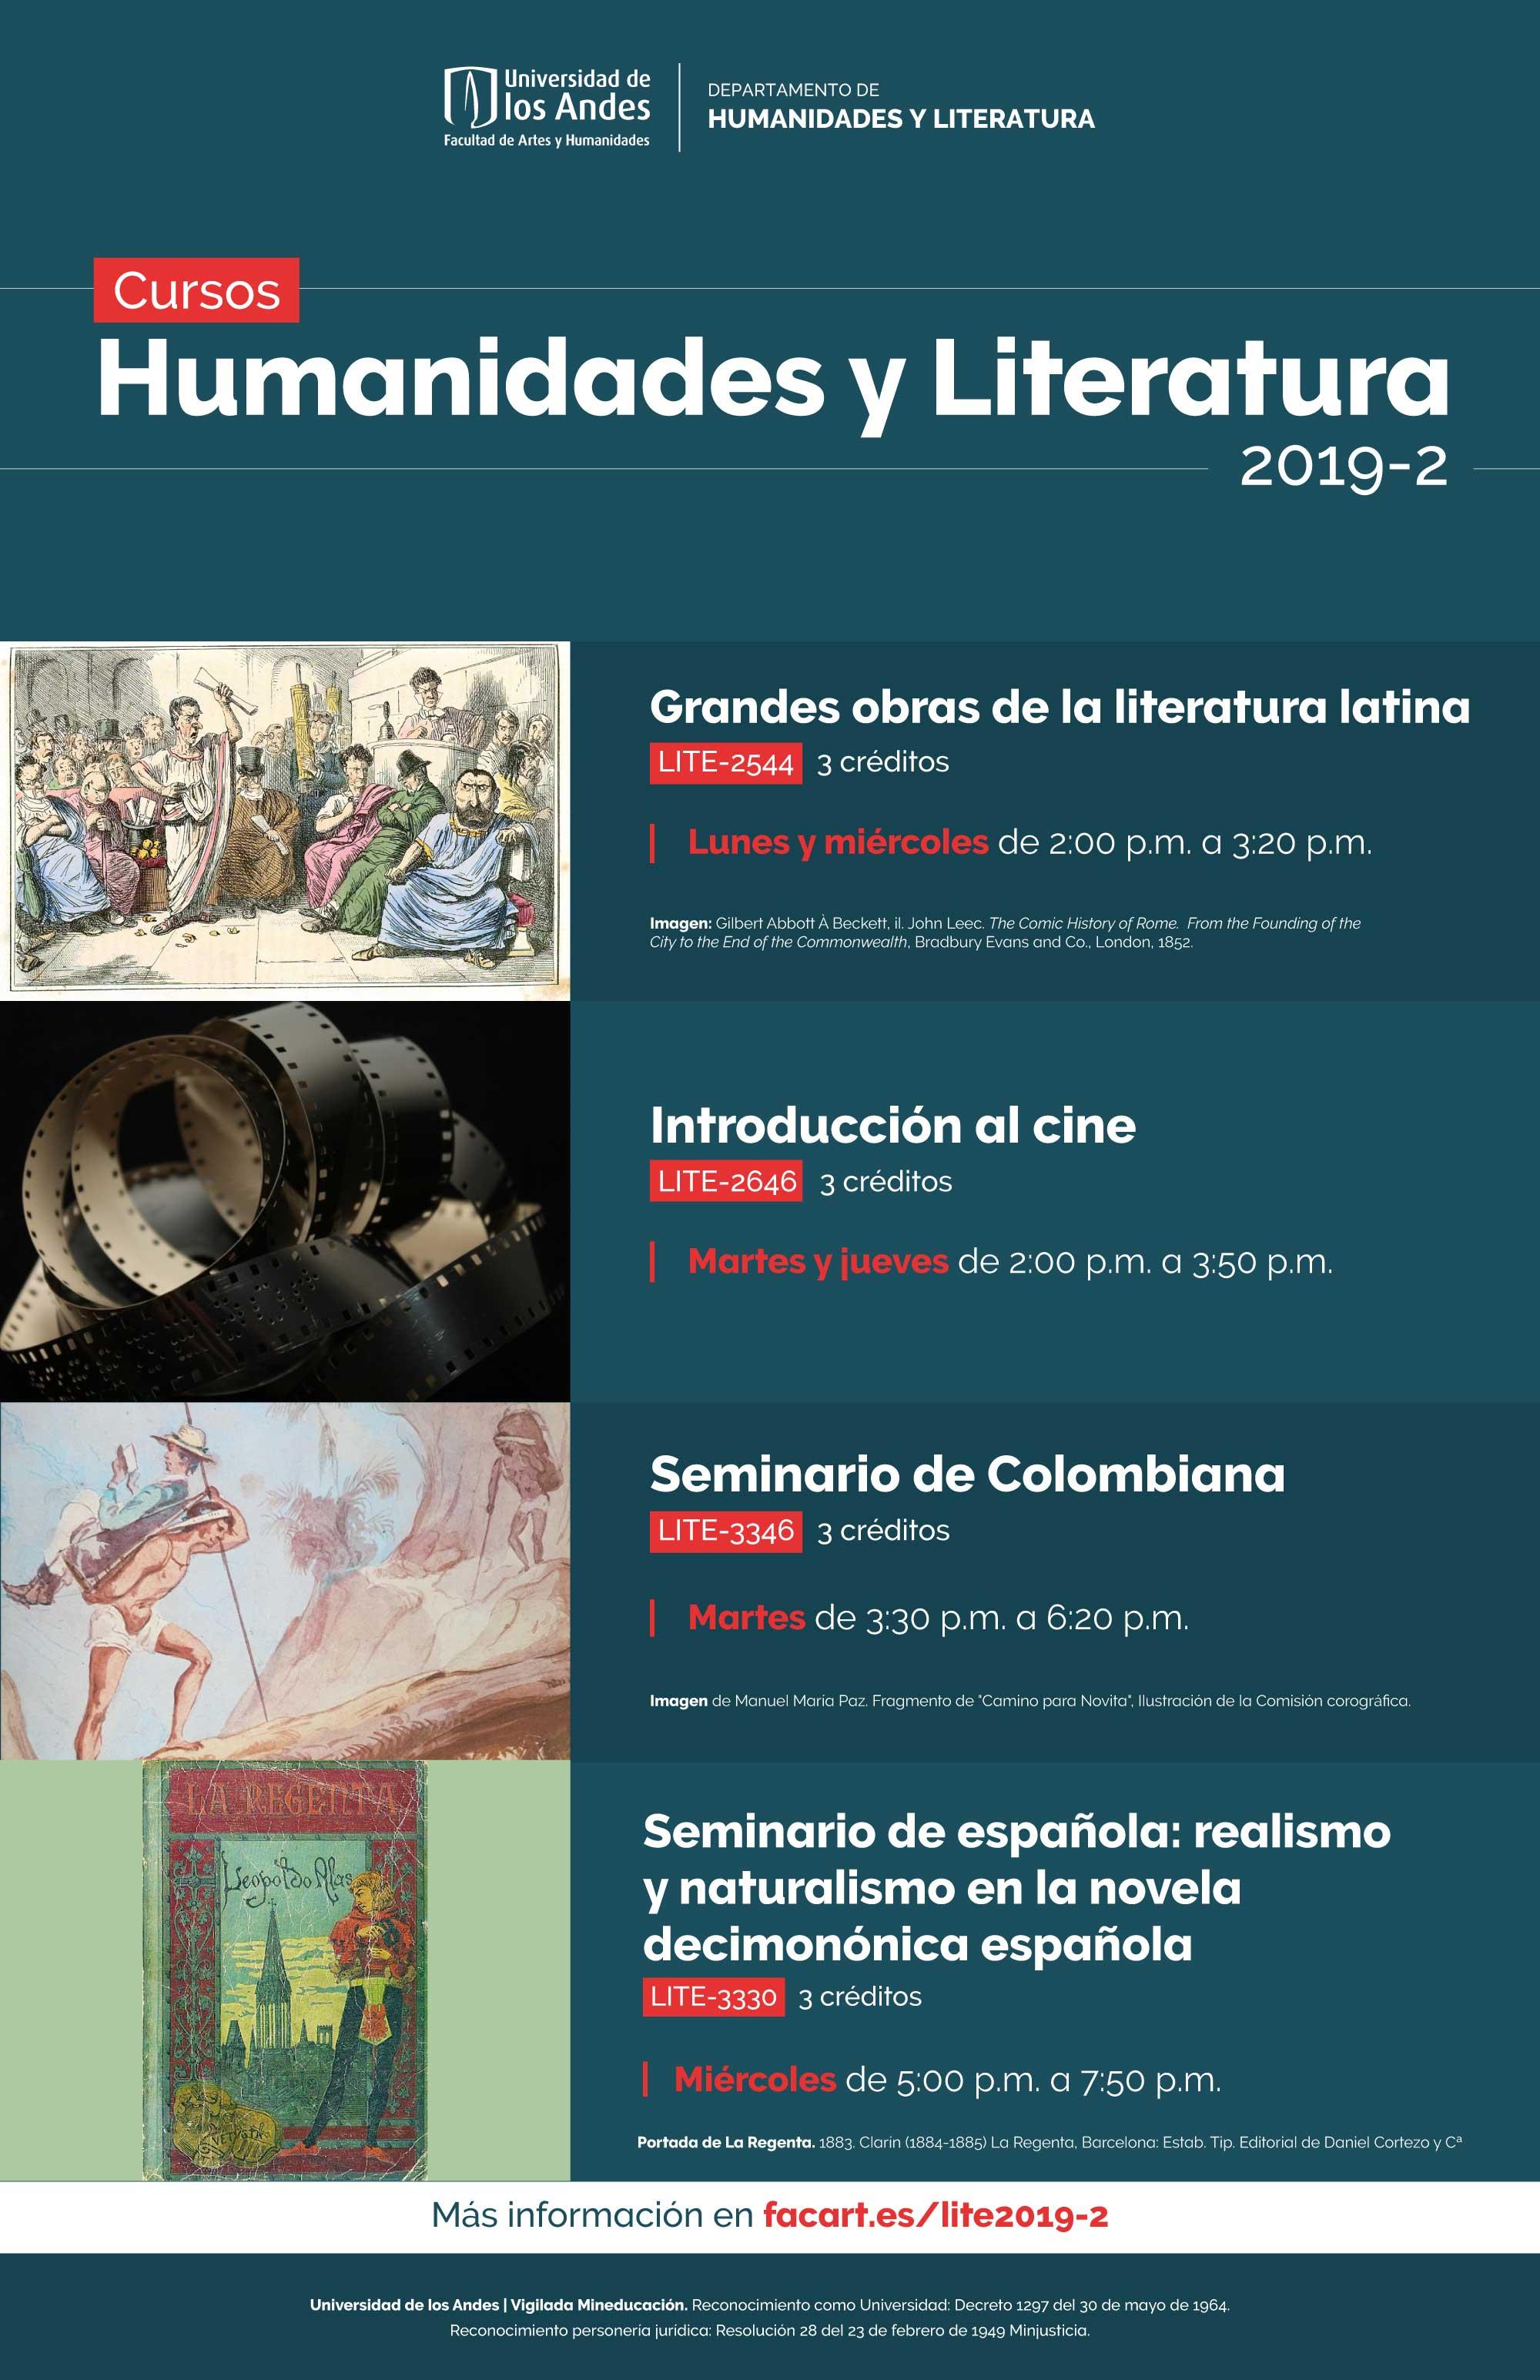 Oferta de cursos en Literatura para el periodo 2019-2